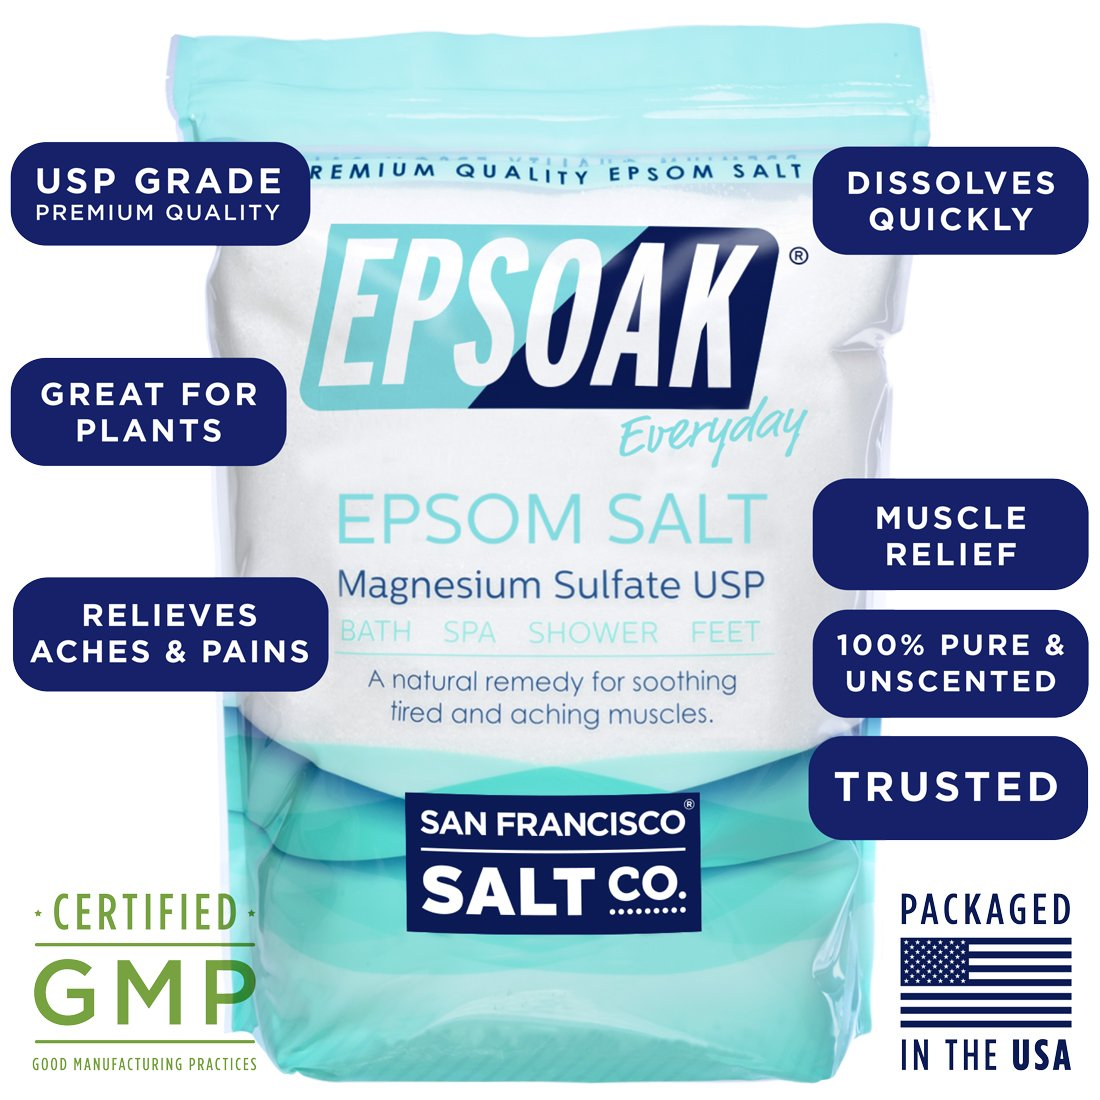 Epsoak Epsom Salt 5 lbs. Magnesium Sulfate USP by Epsoak (Image #4)